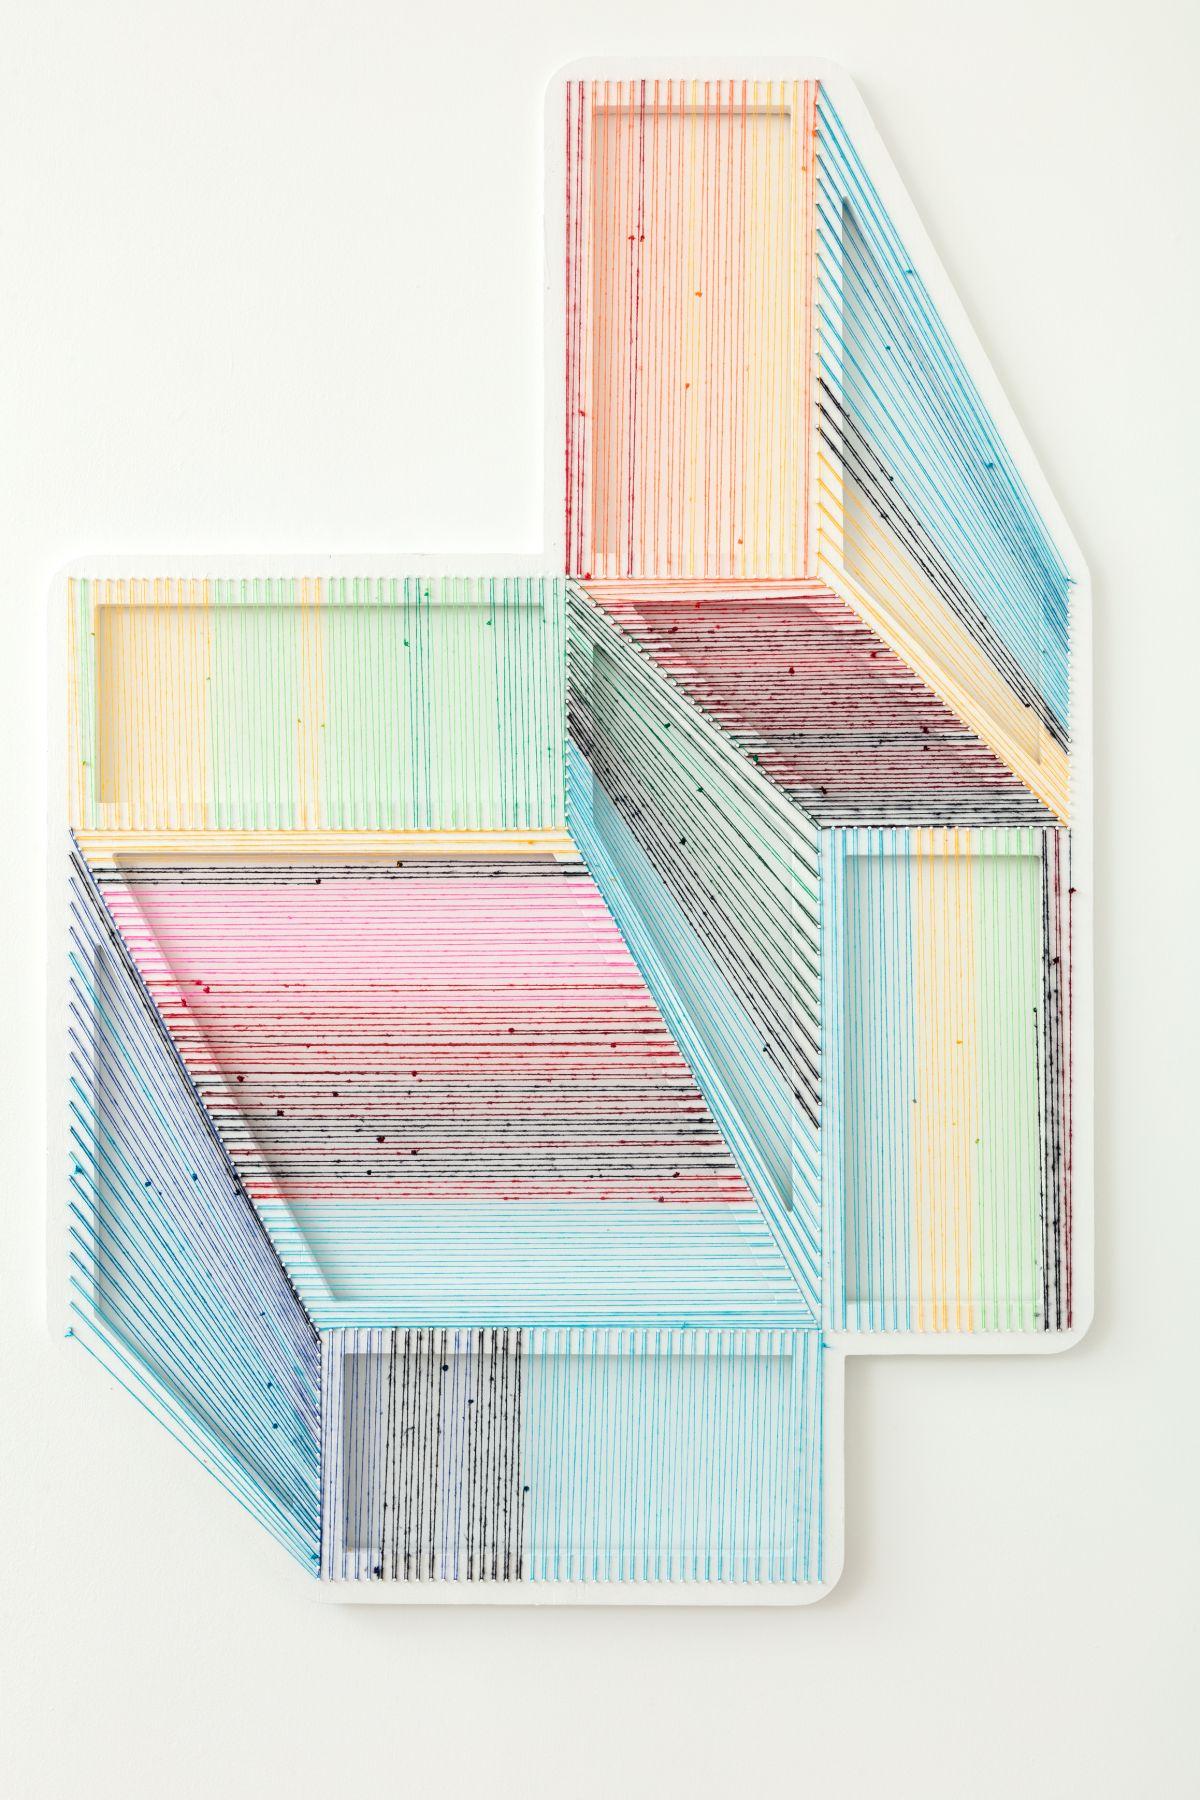 Adrian Esparza, Staircase, 2019